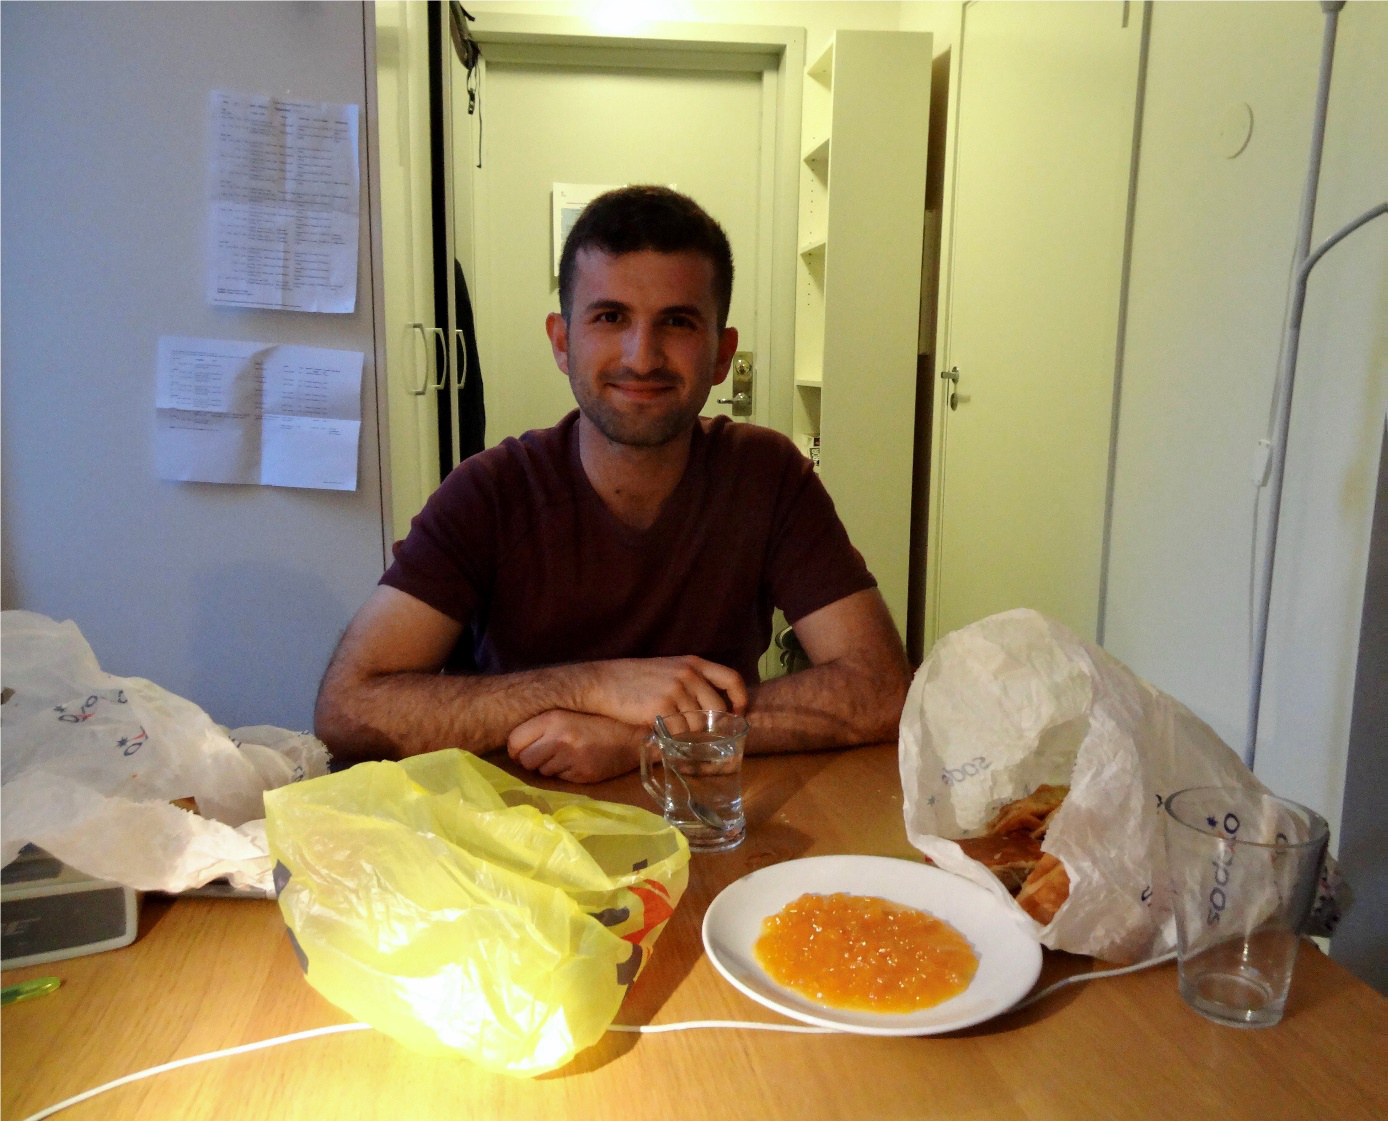 Eerste maaltijd met mijn Turkse roommate, traditioneel Turks gebak dat hij had meegebracht uit Turkije.